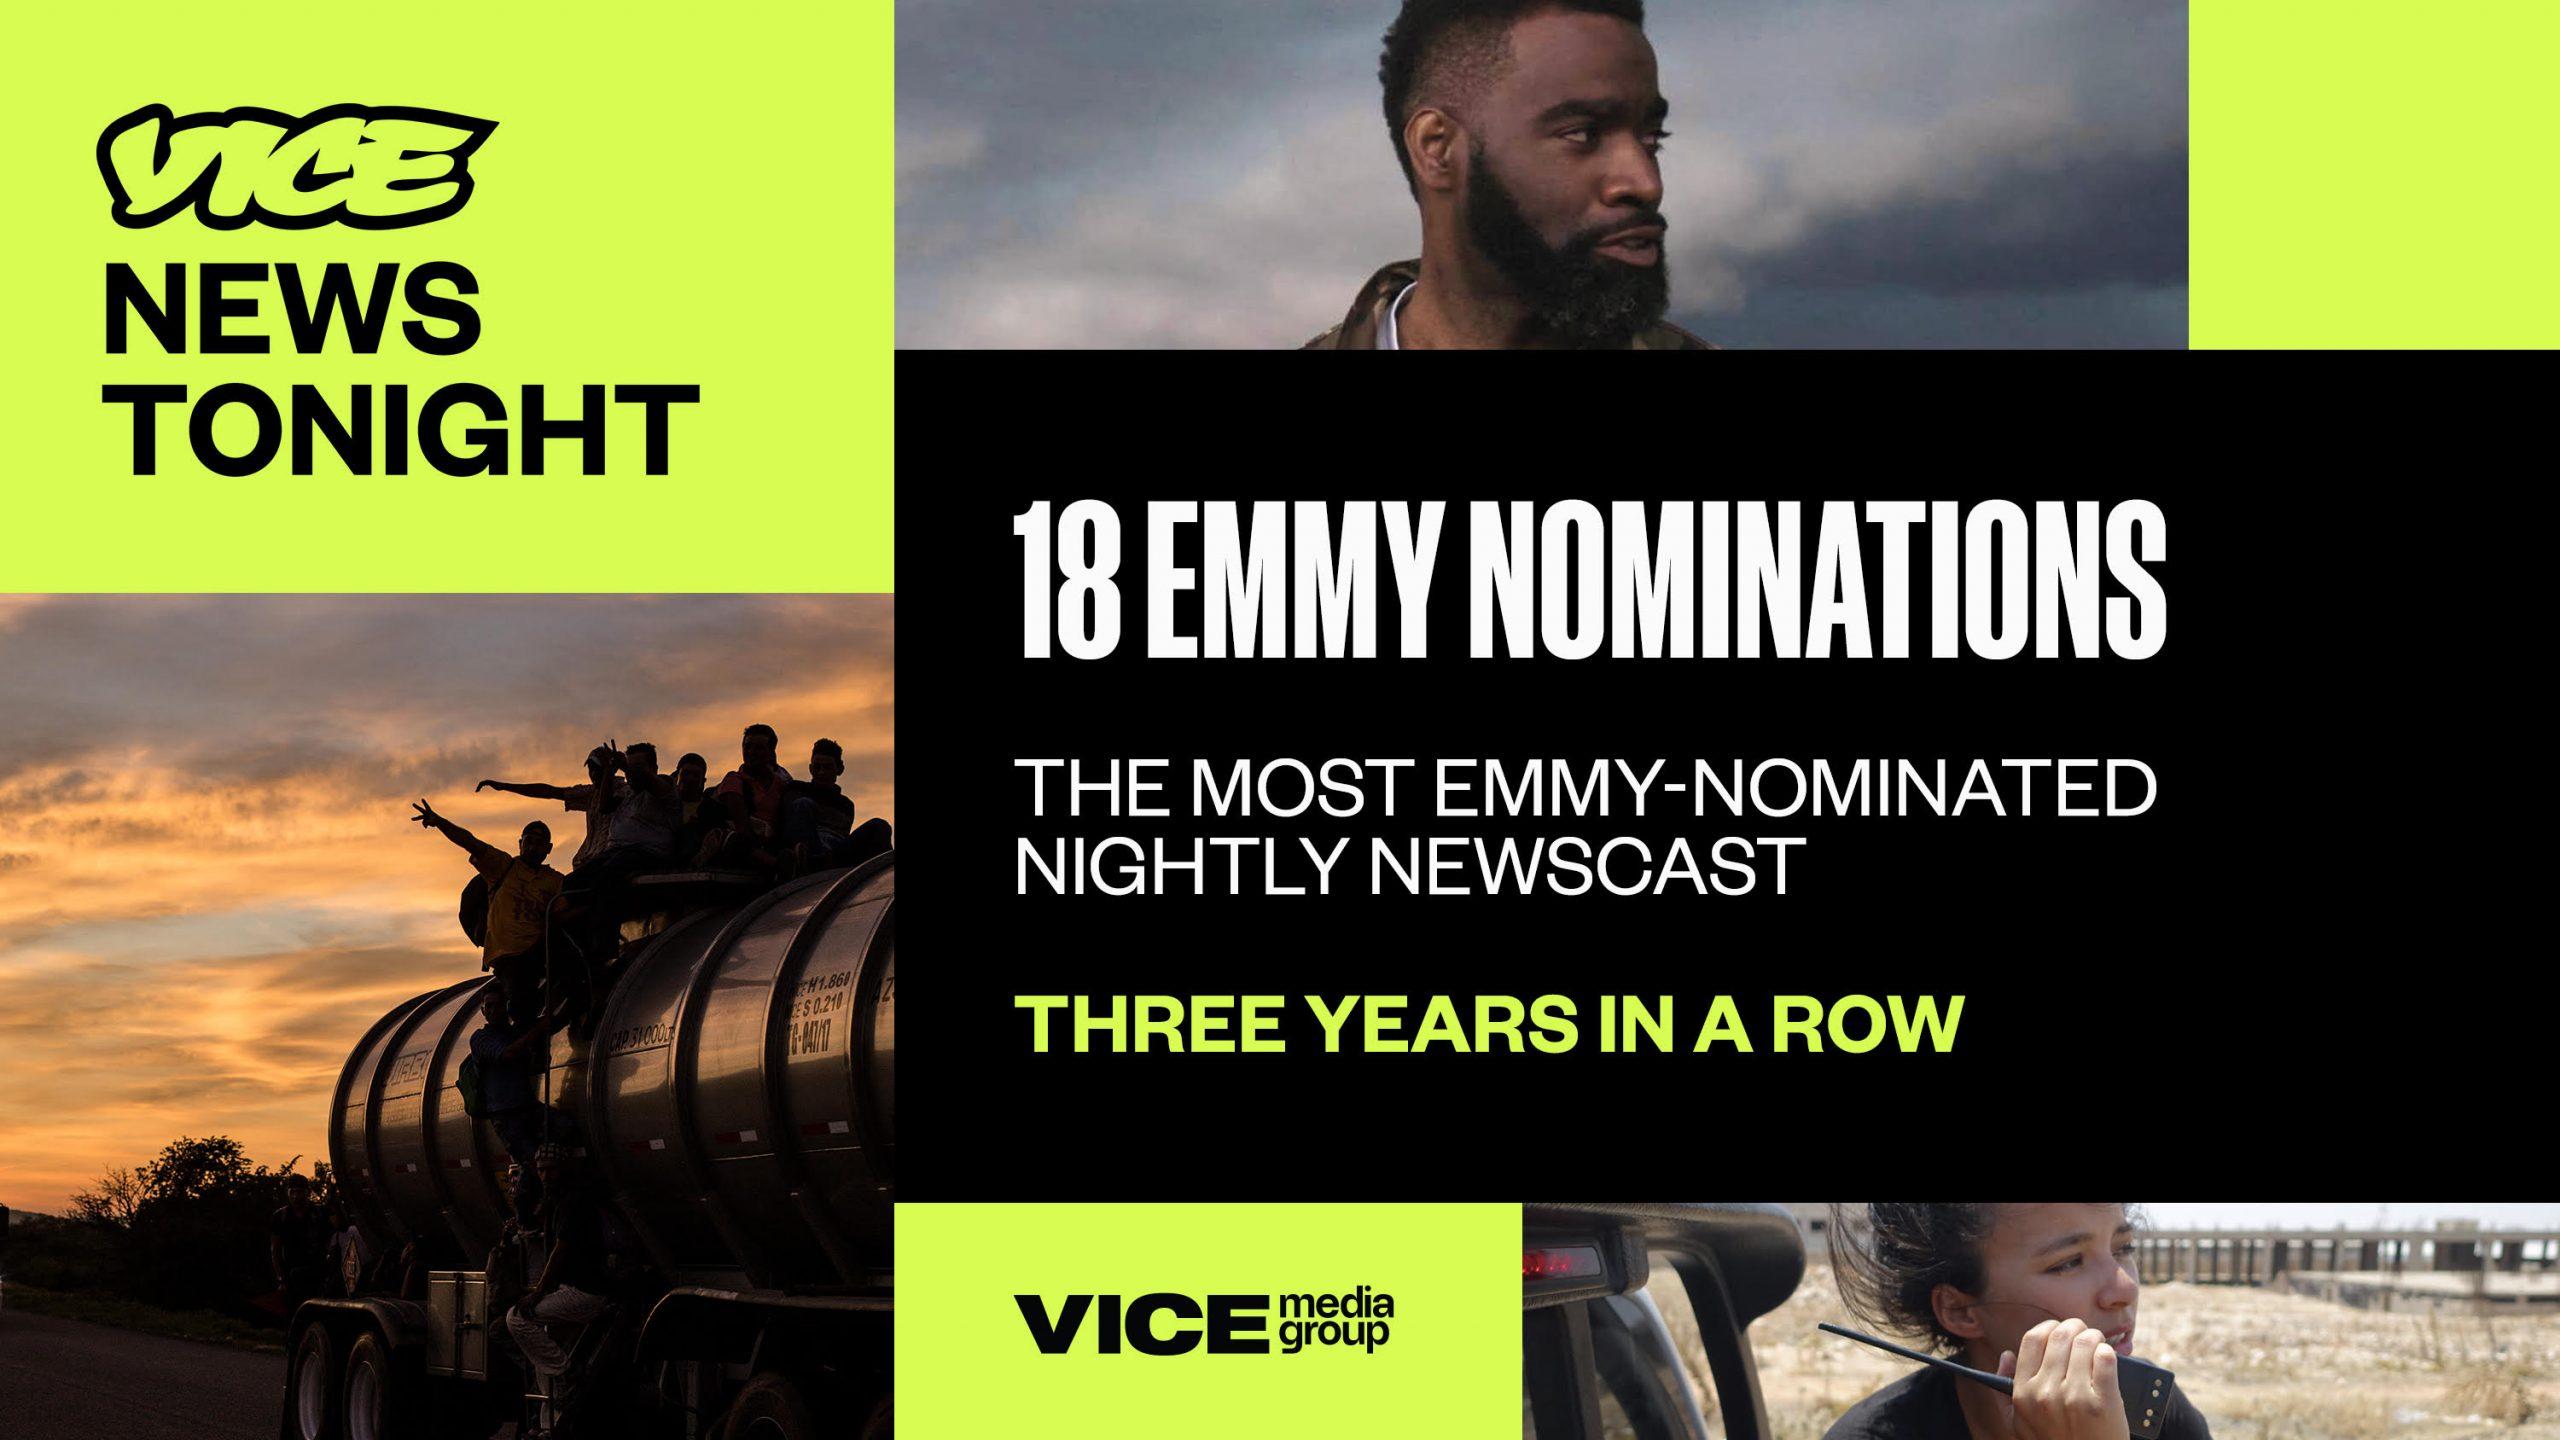 Vice Media Dapatkan Nominasi Terbanyak di Emmy Awards (Gambar via Twitter VICE Communications @VICEComms)